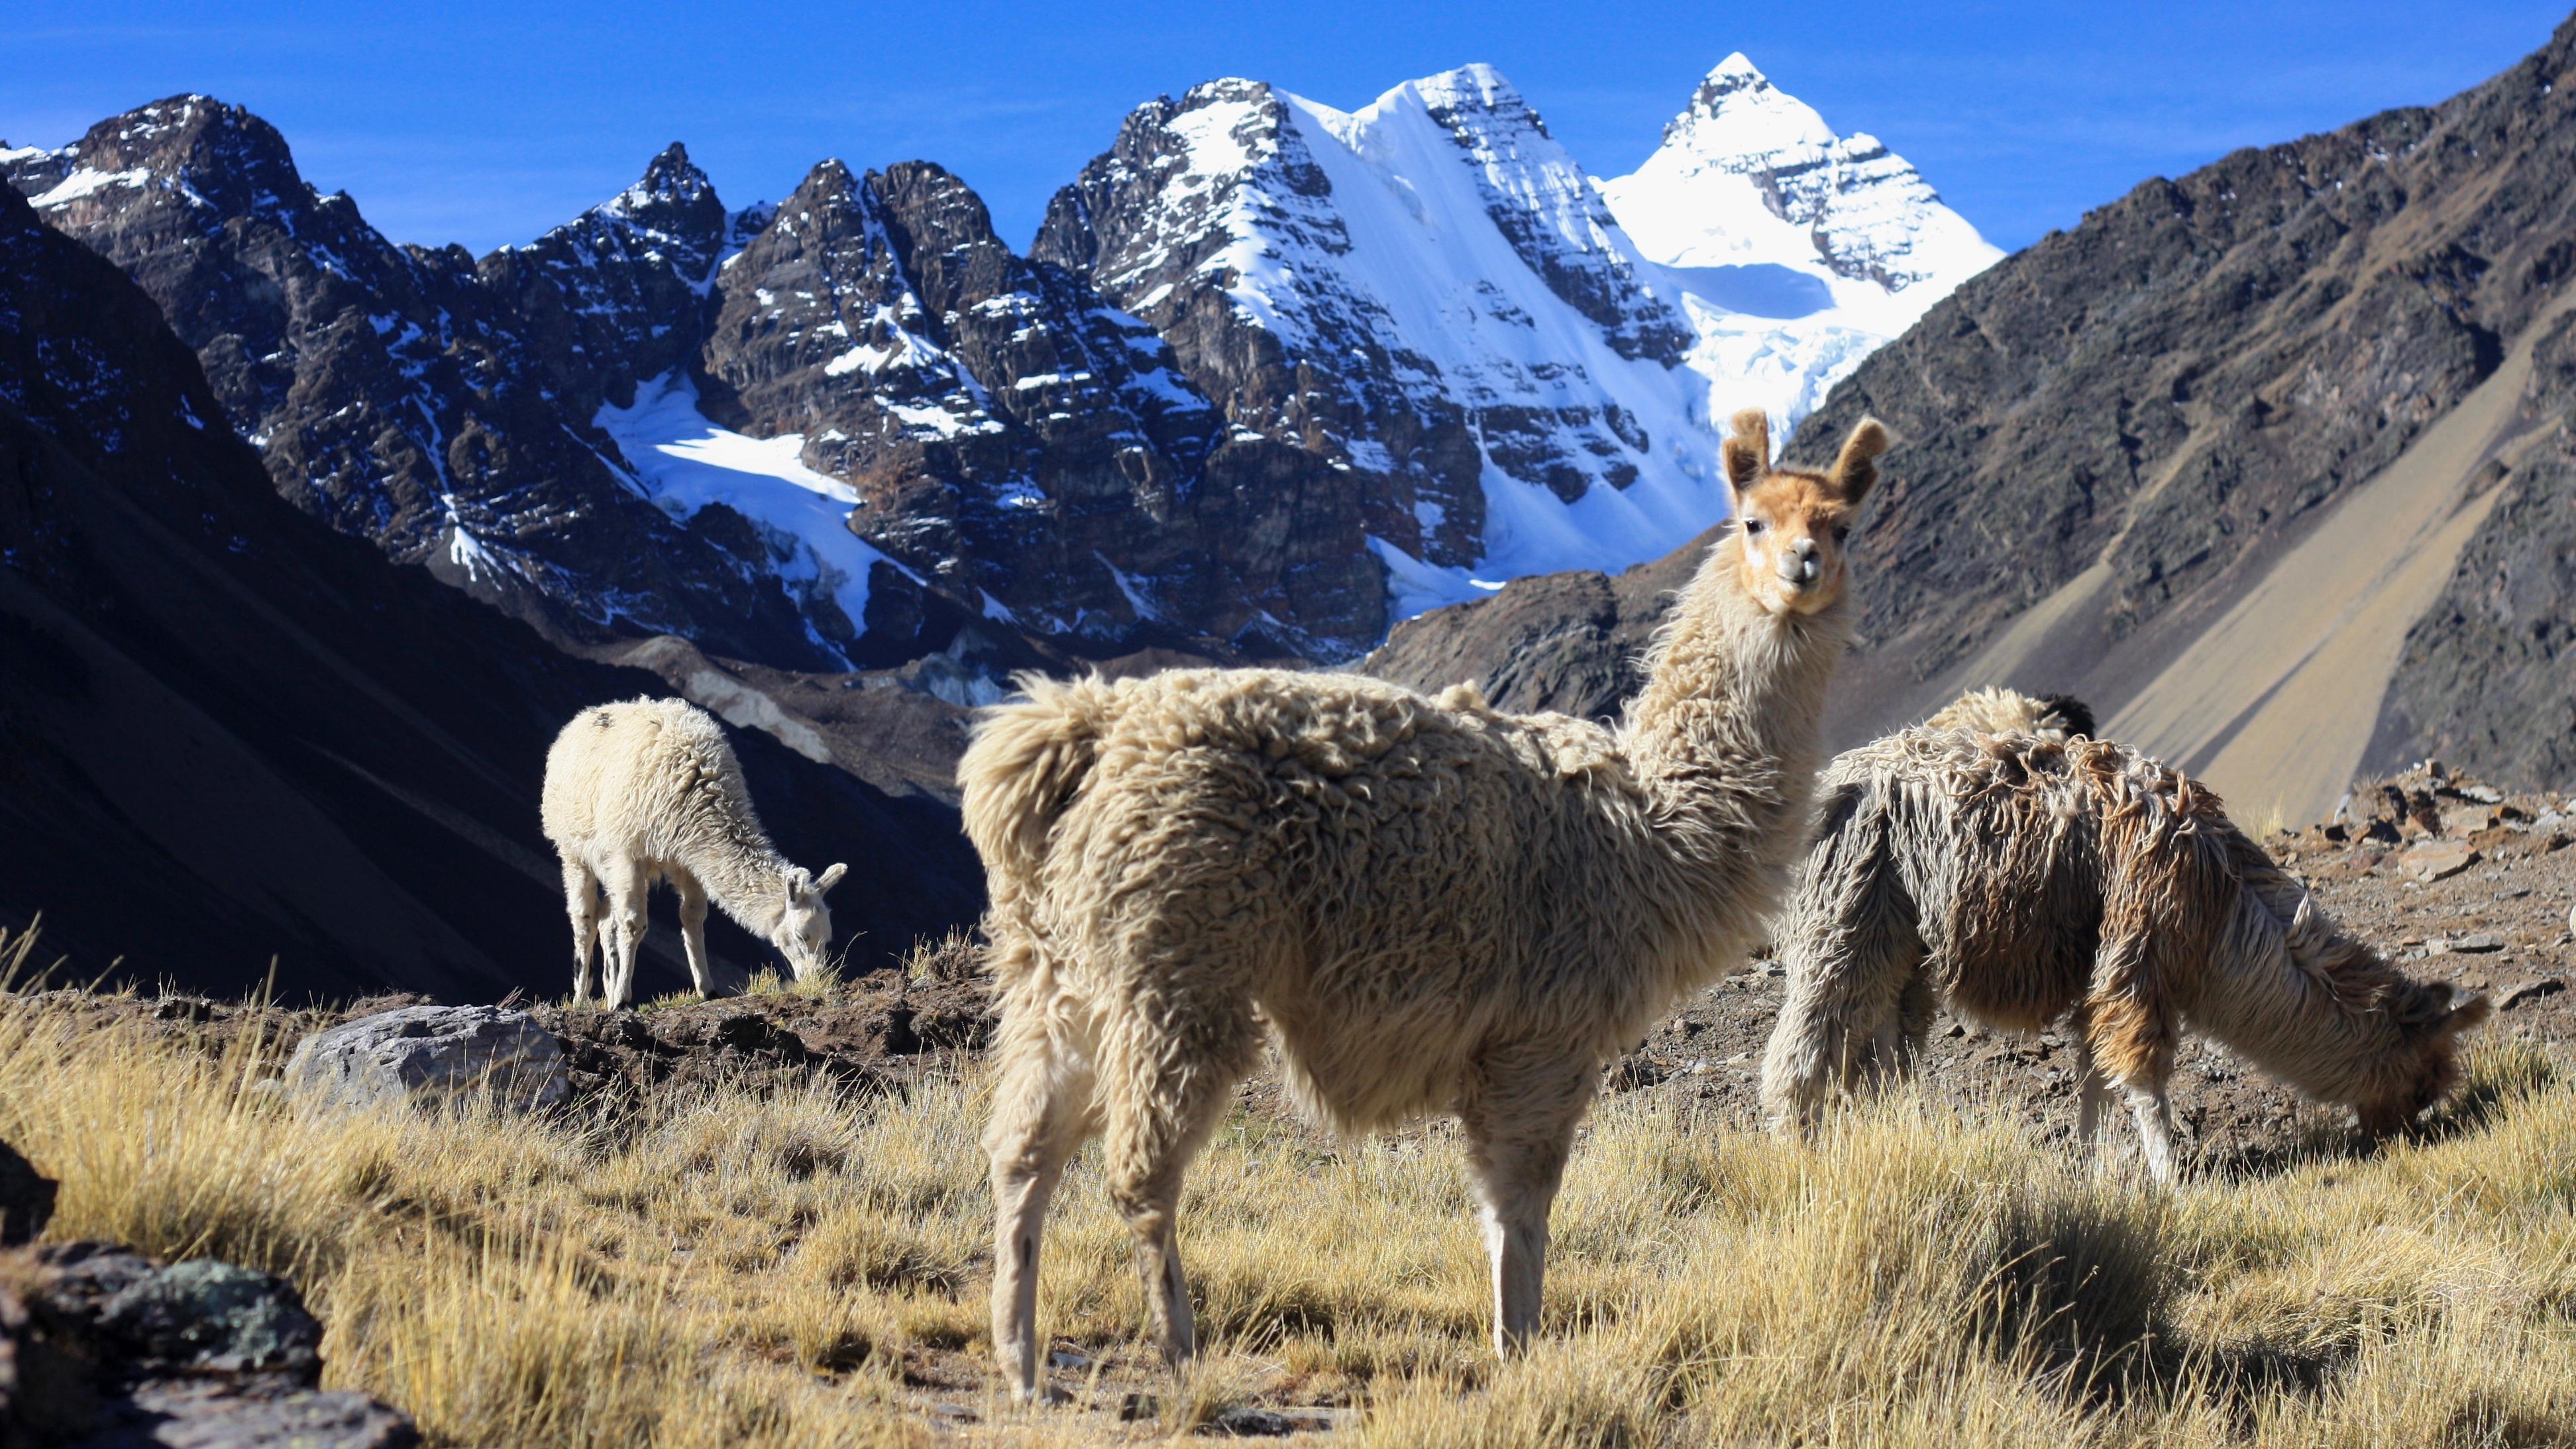 Bolivia S Cordillera Real Uncrowded Alternative To Inca Trail Cnn Travel